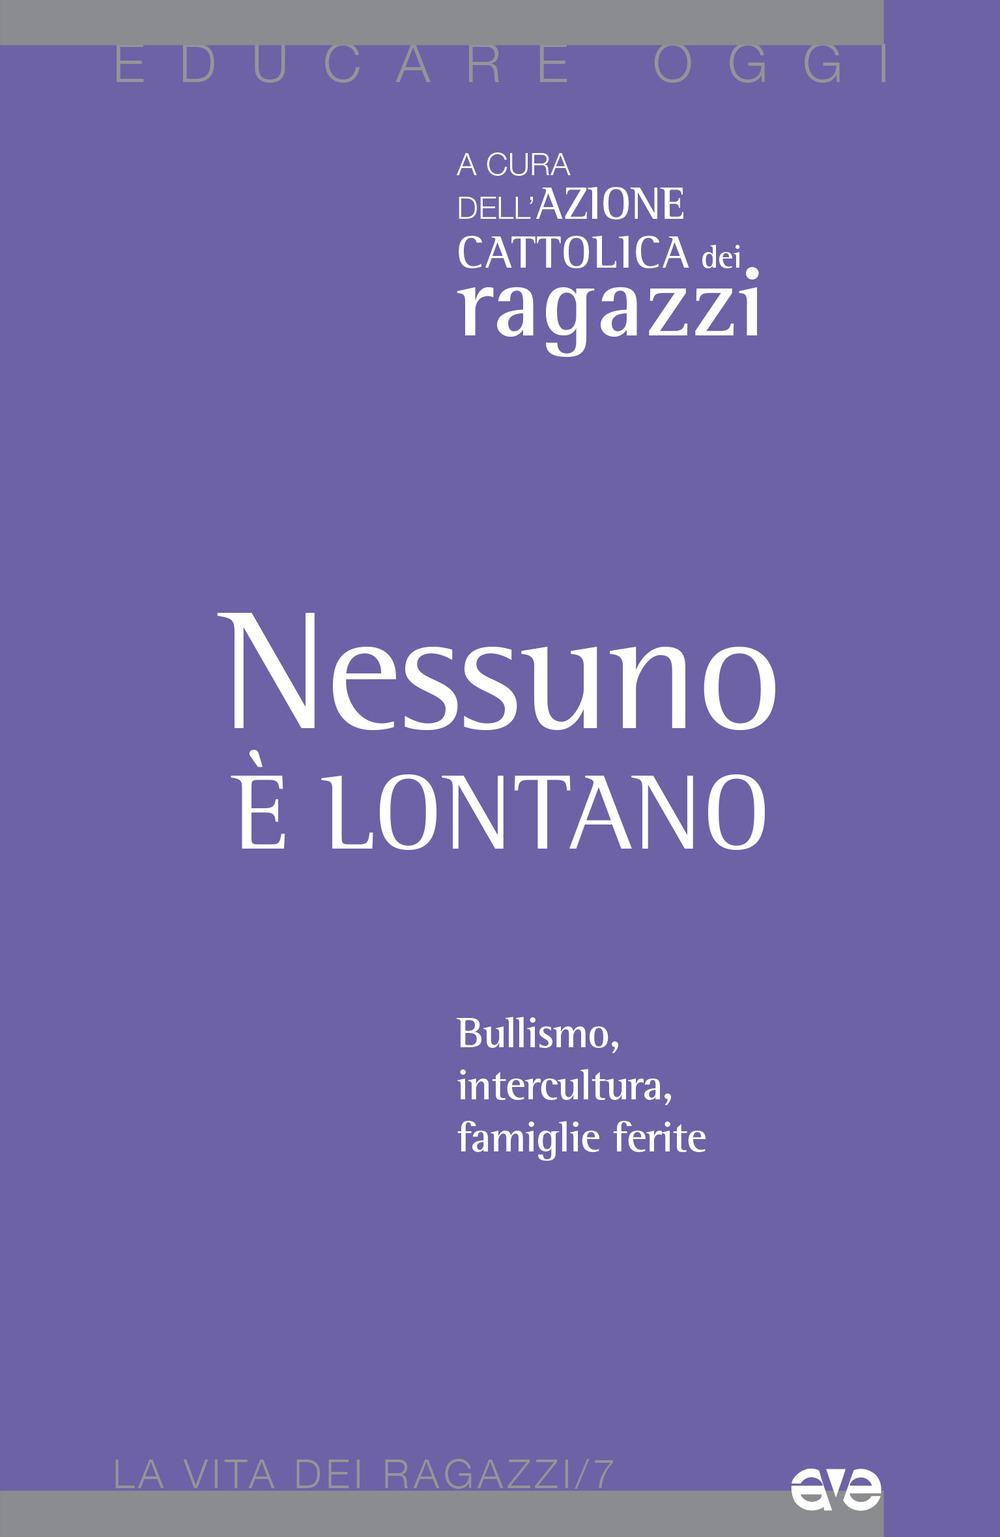 NESSUNO È LONTANO. BULLISMO, INTERCULTURA, FAMIGLIE FERITE - Azione Cattolica ragazzi (cur.) - 9788832711011